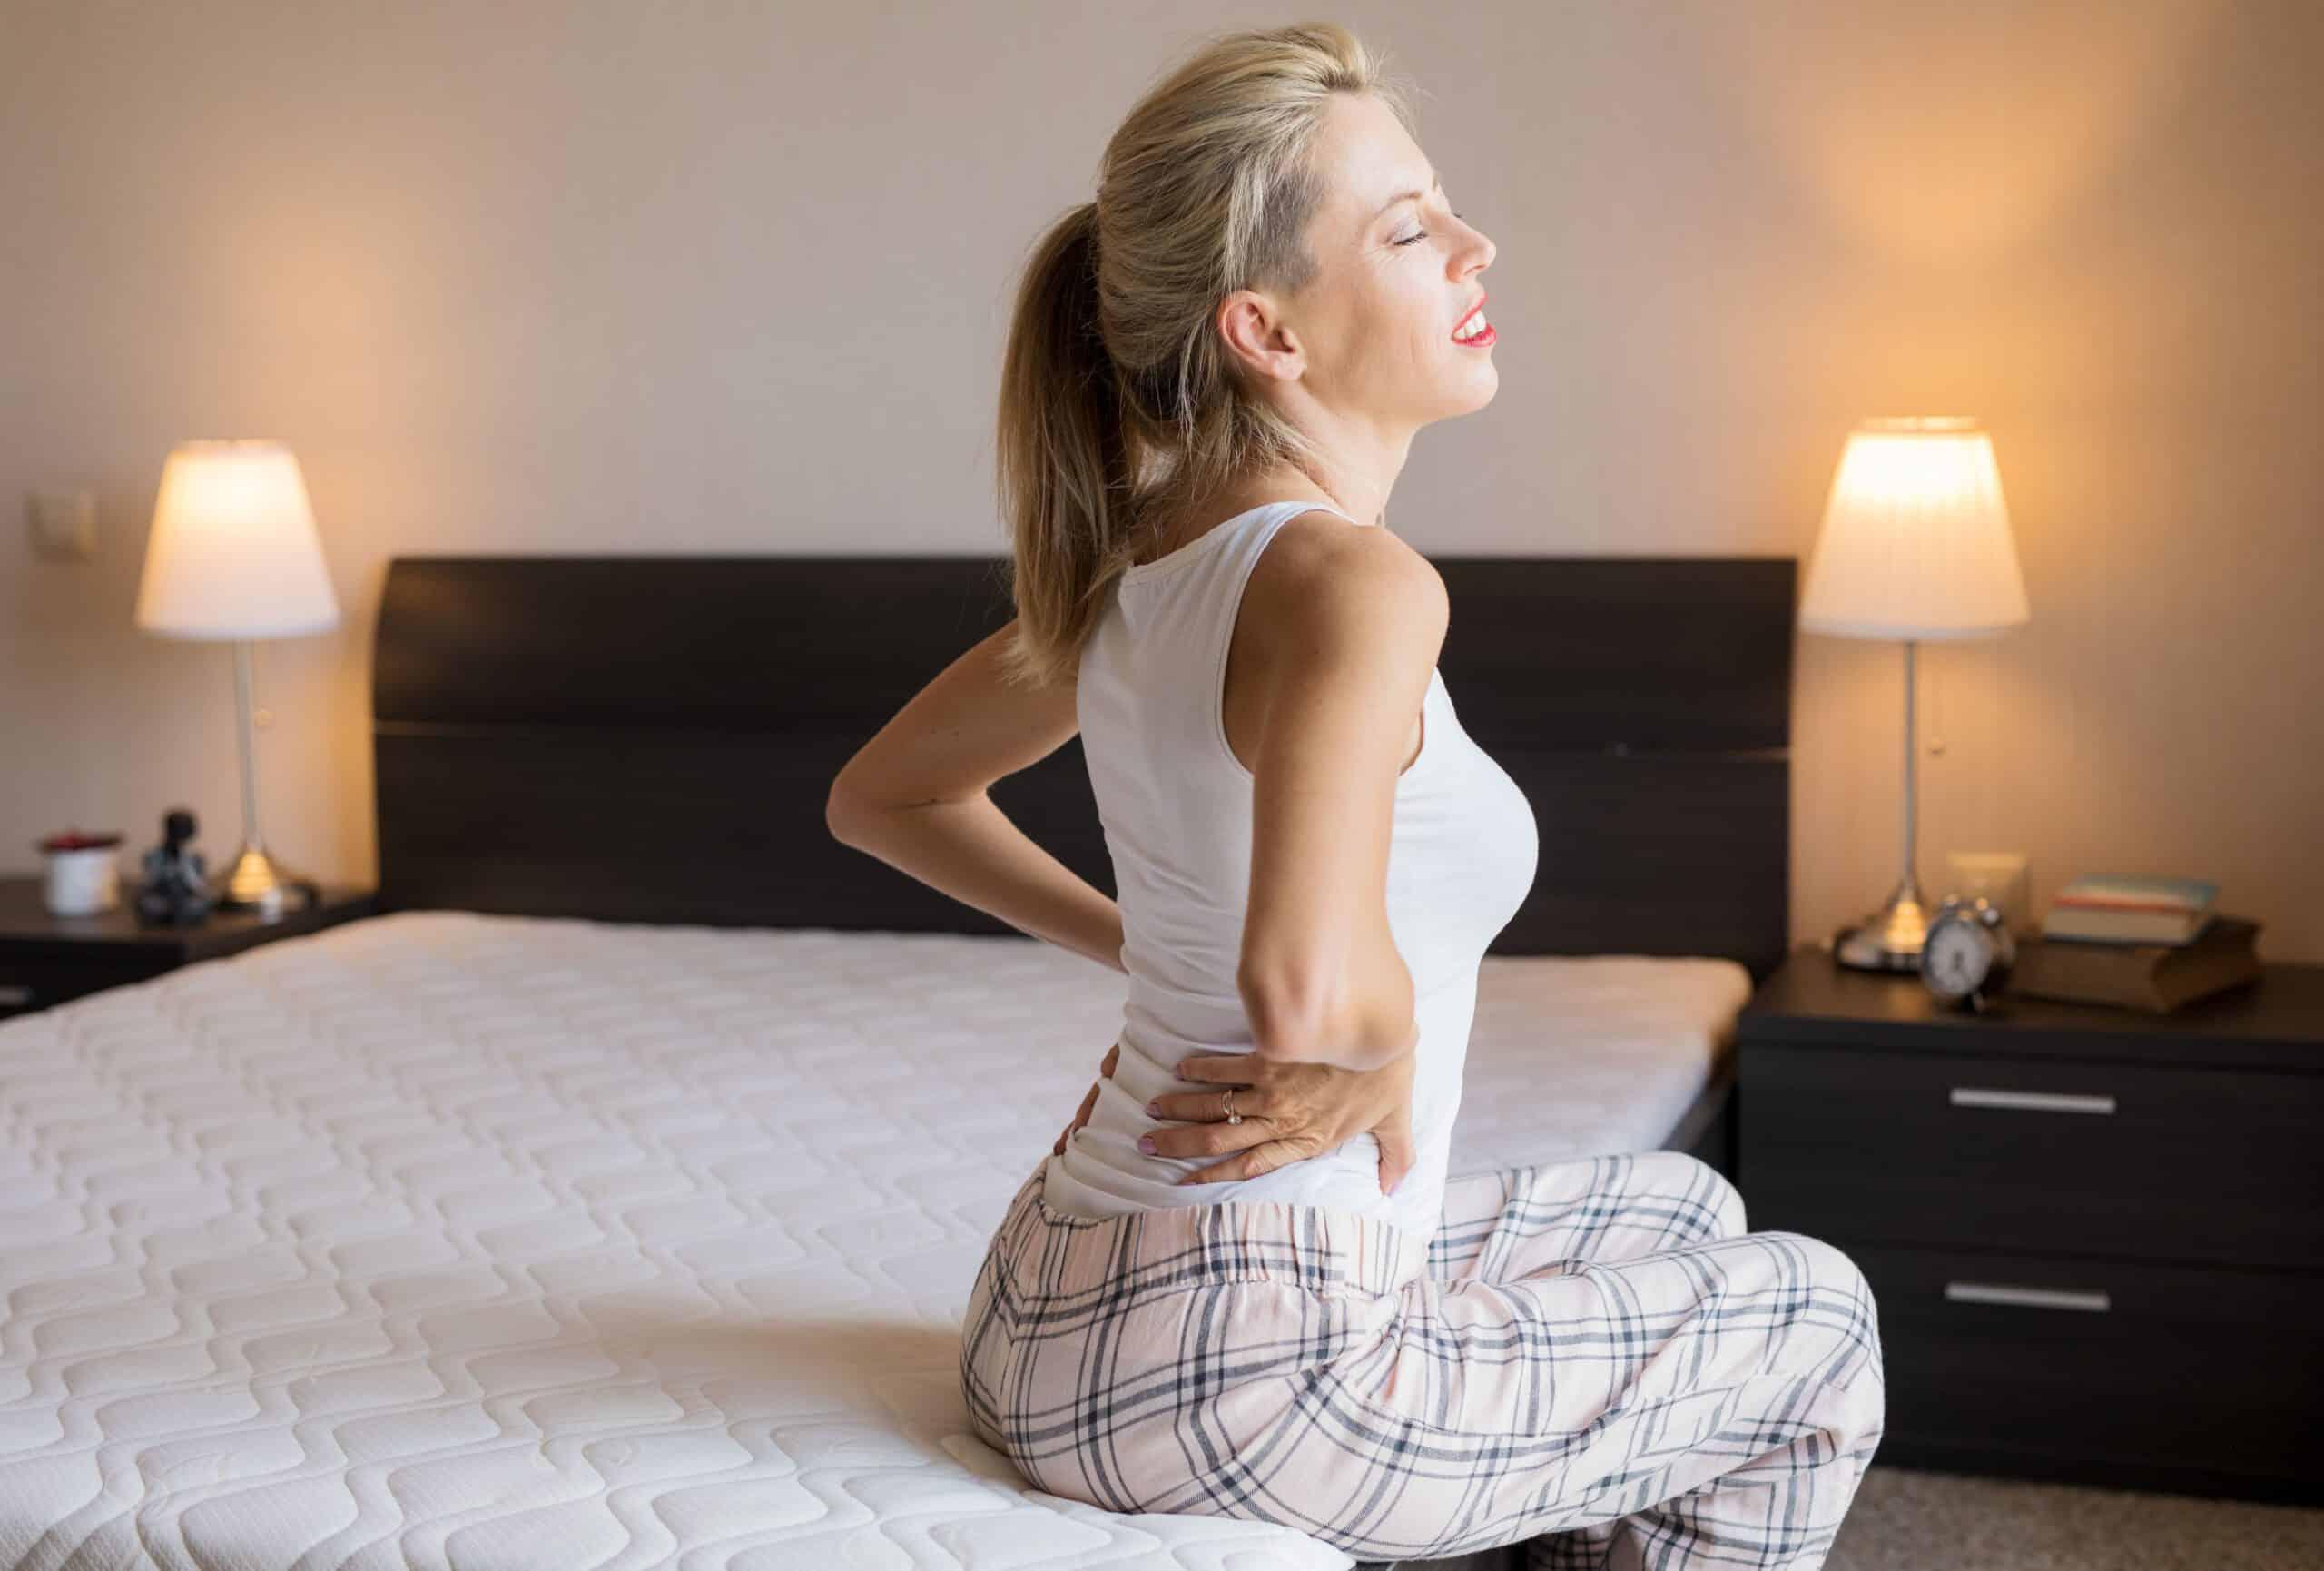 Jak dbać o kręgosłup? Profilaktyka dolegliwości bólowych kręgosłupa